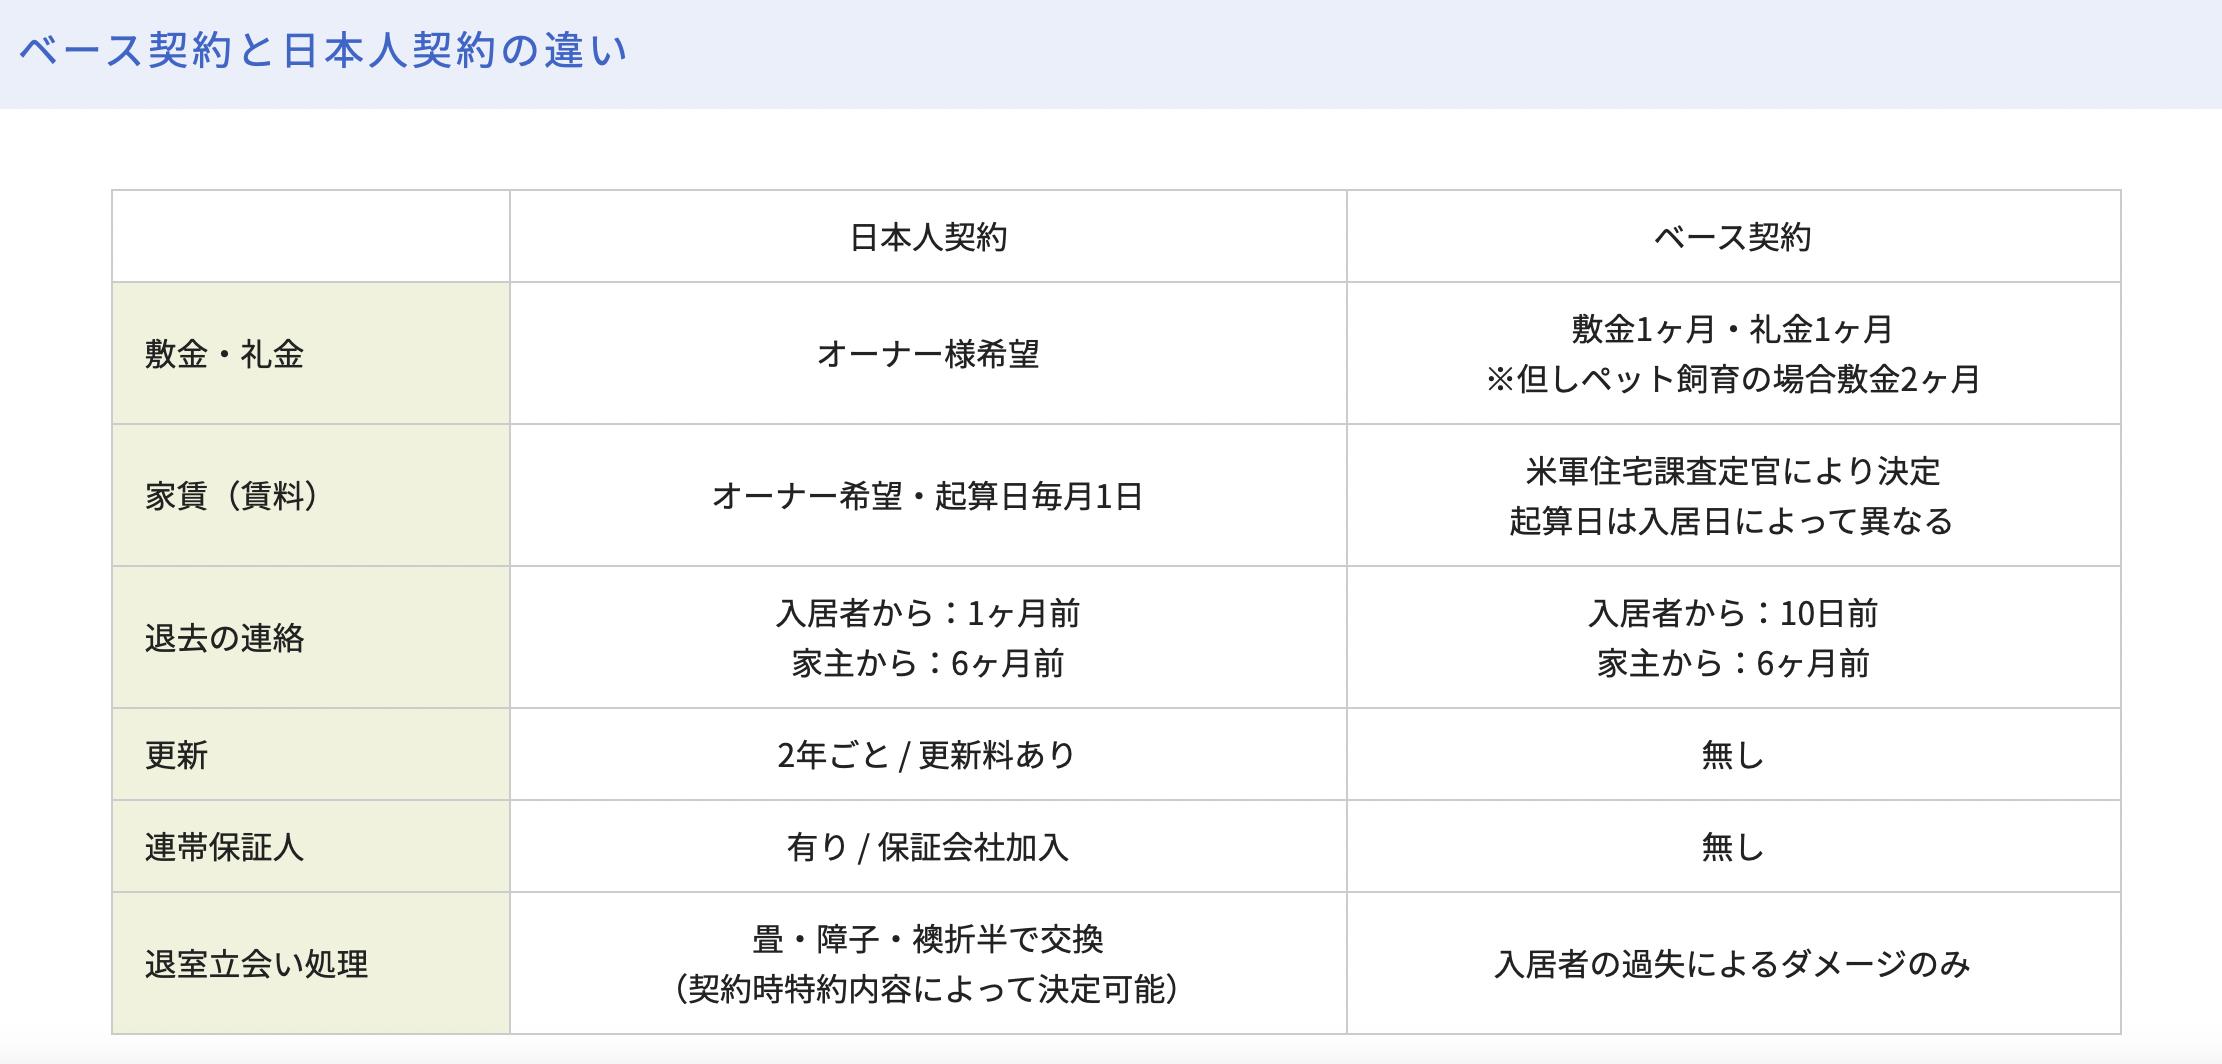 ベース物件と日本人向け賃貸物件の一般的な違い(資料提供:ウスイホーム株式会社)